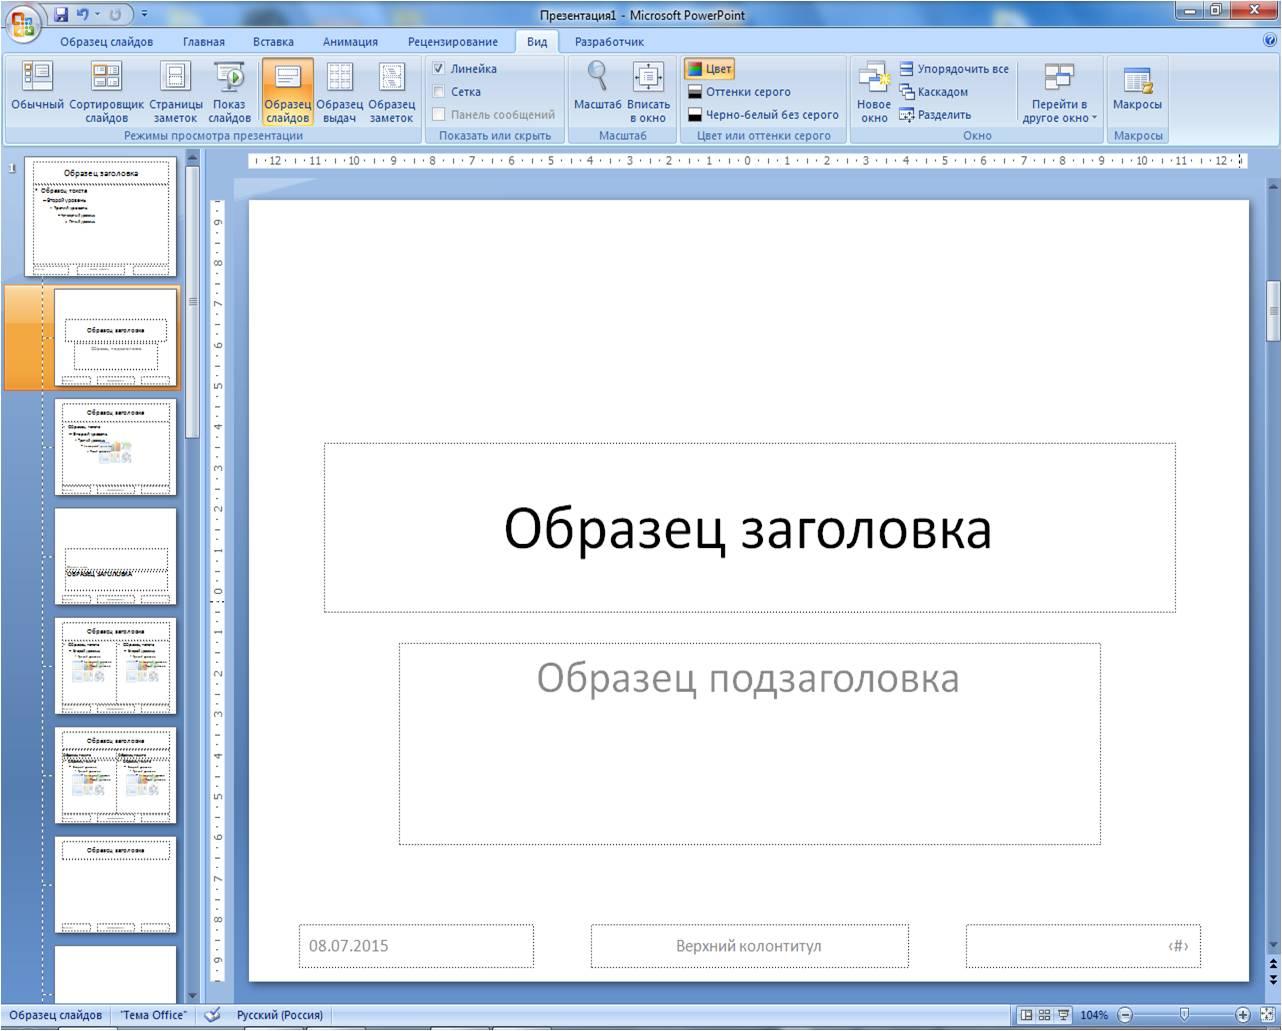 Как сделать колонтитул в презентации